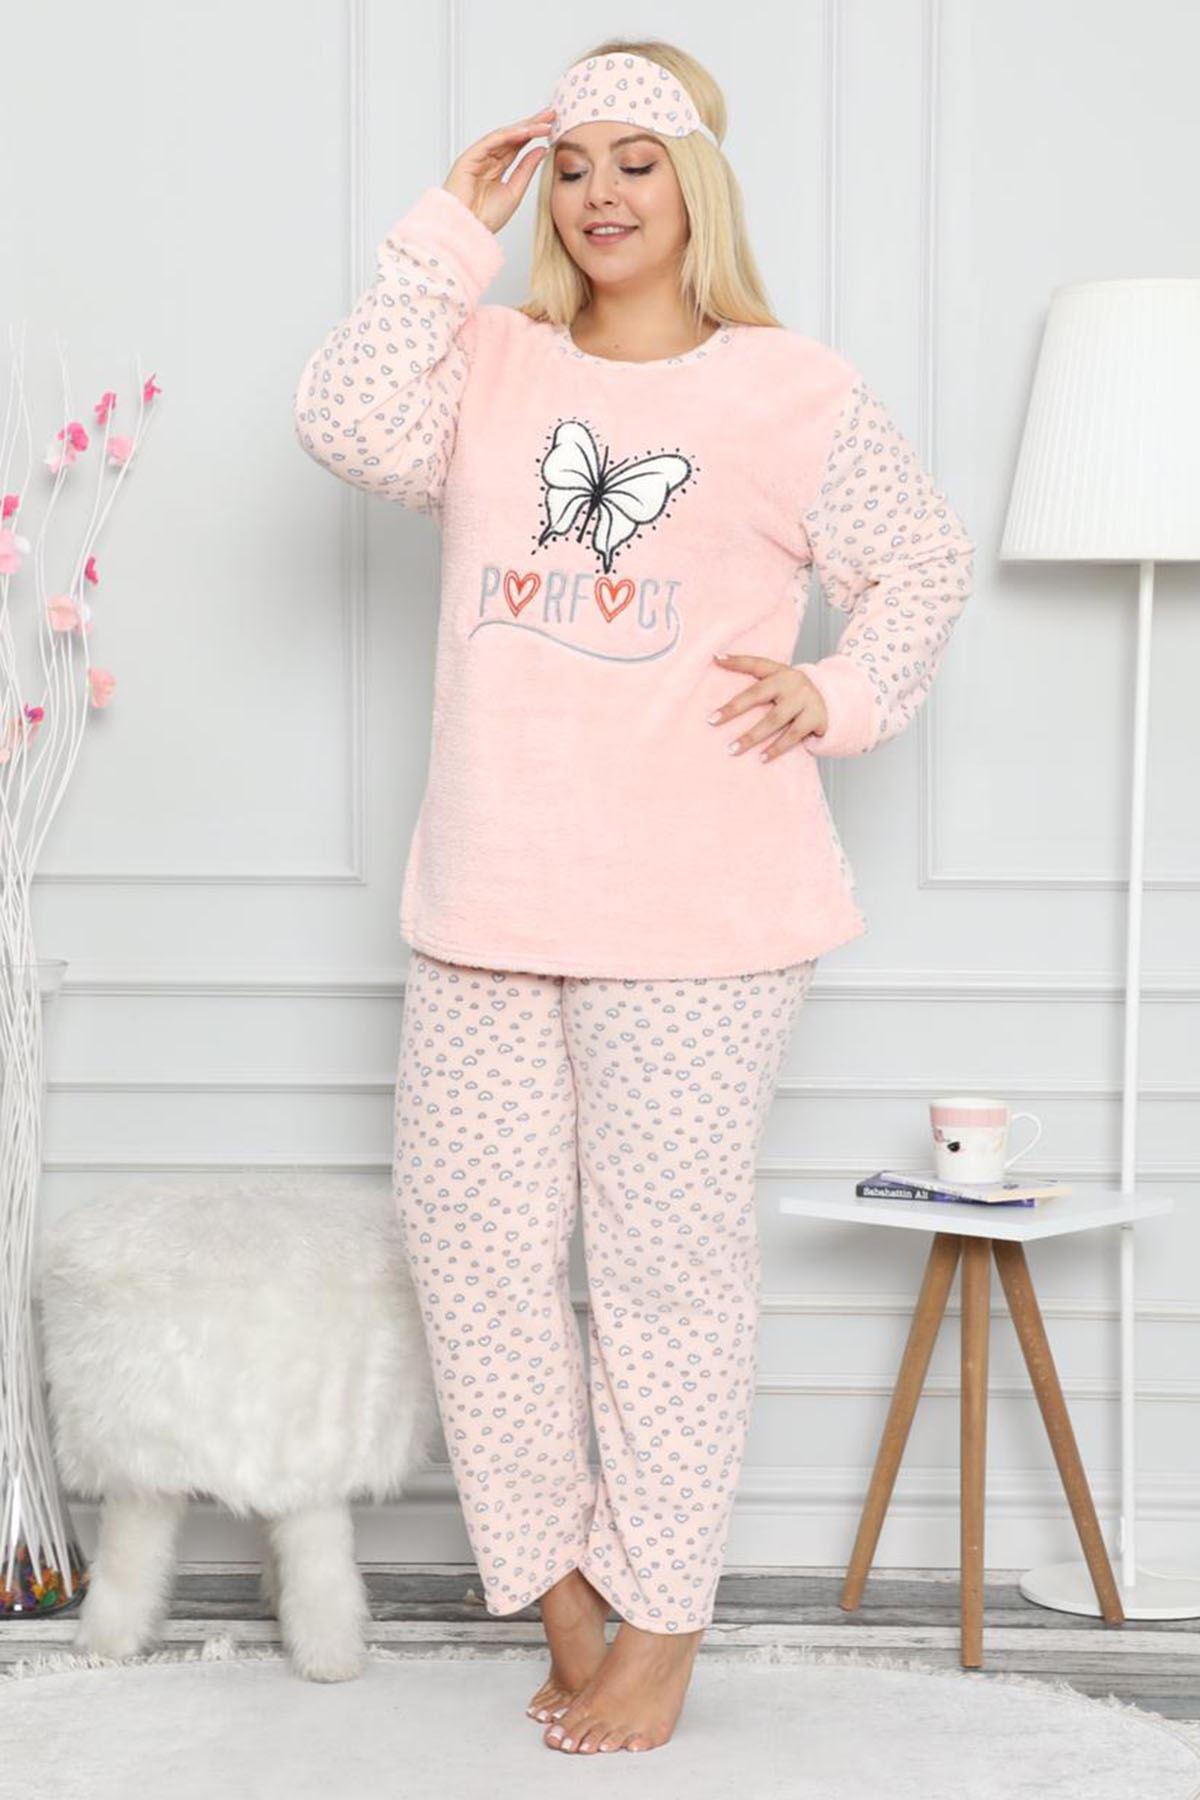 Welsoft Pembe Pijama Takımı 32D-9056P